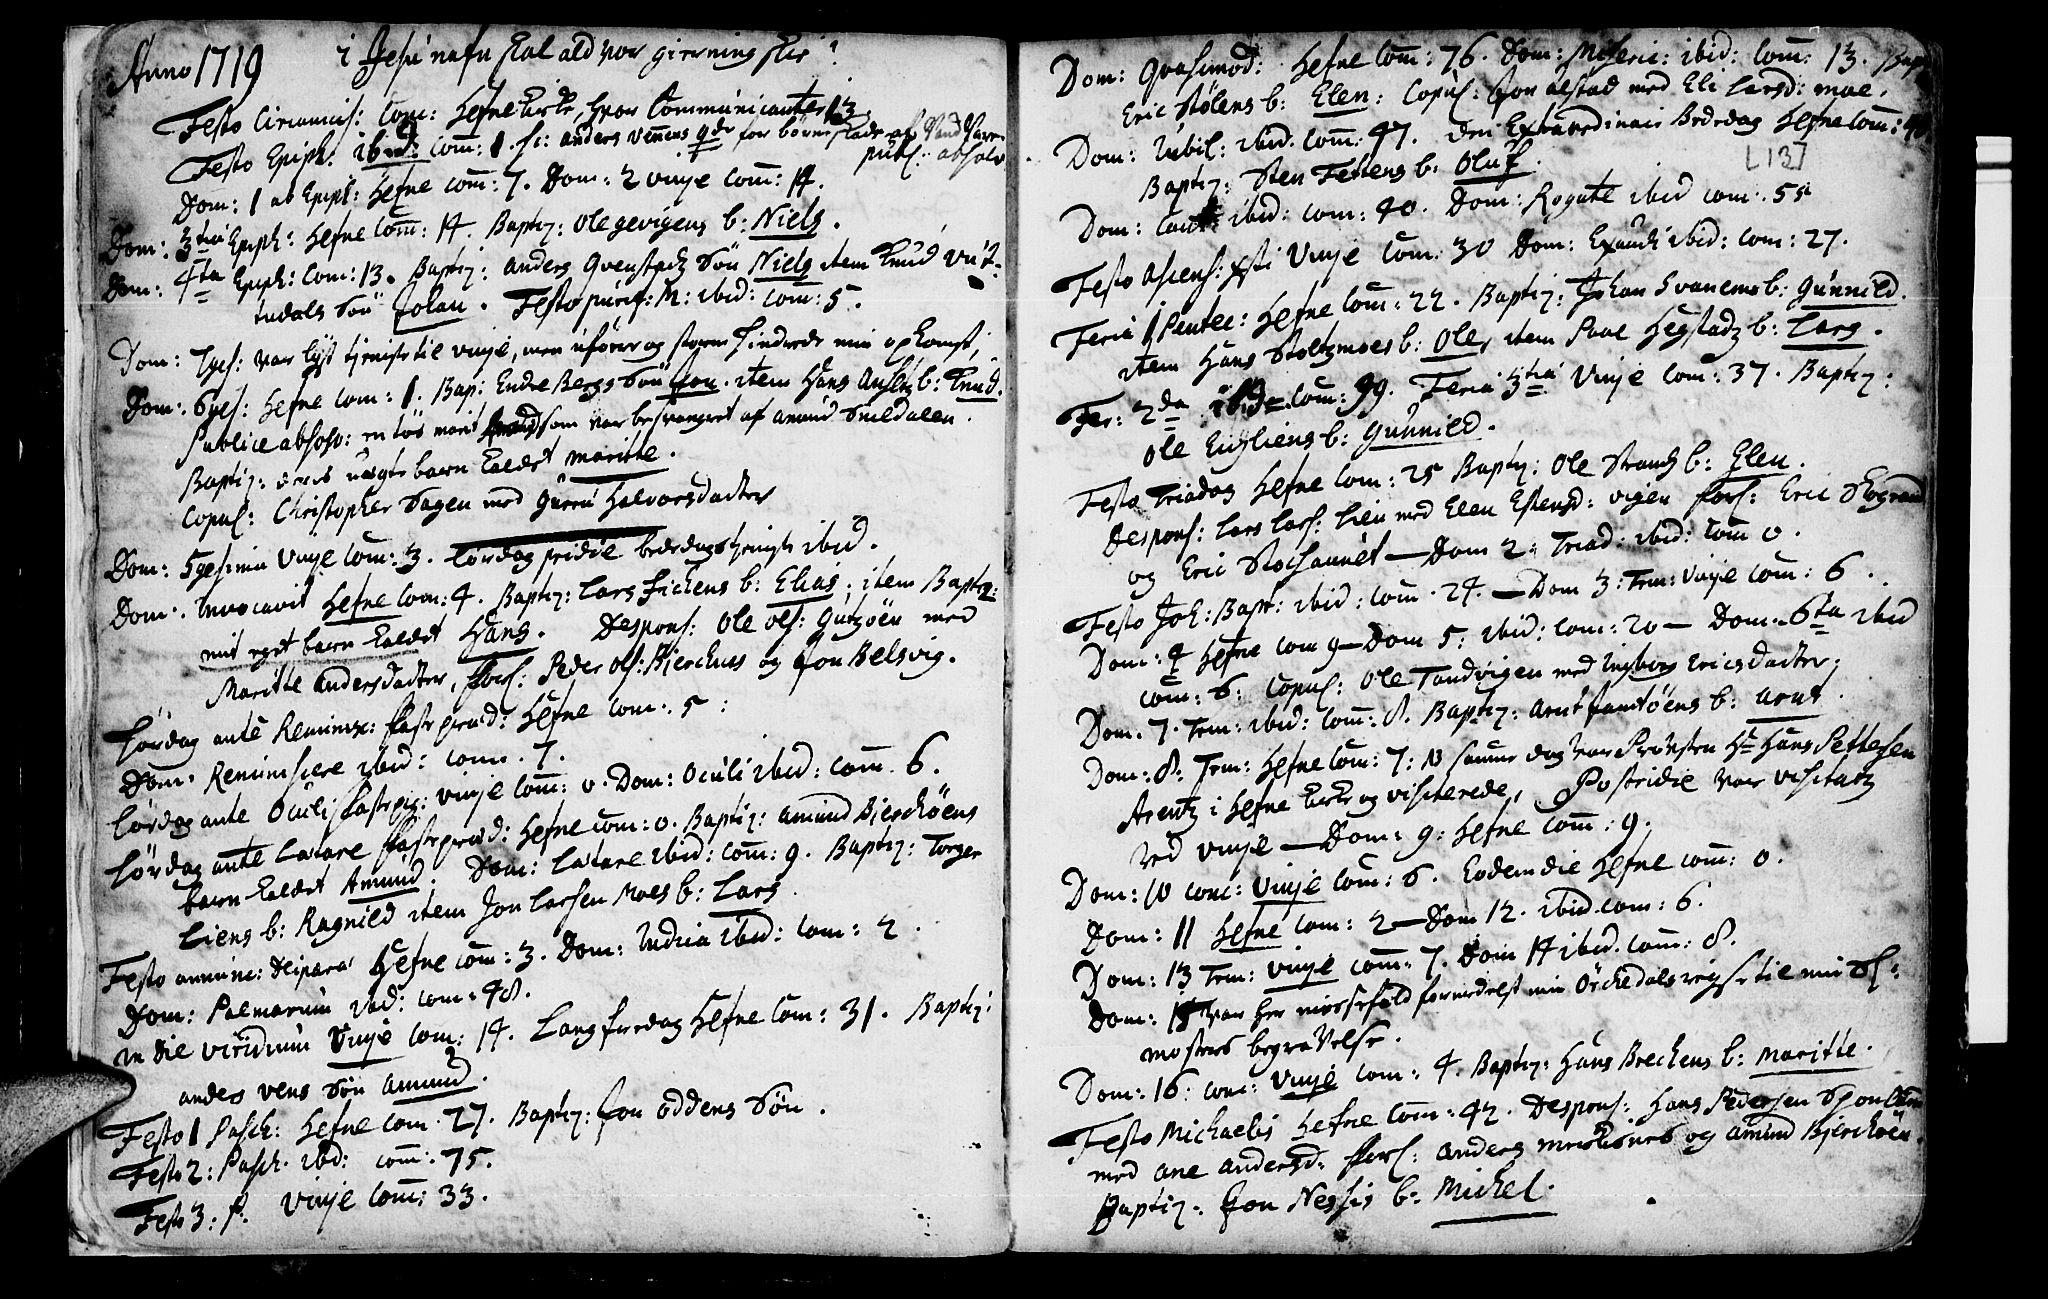 SAT, Ministerialprotokoller, klokkerbøker og fødselsregistre - Sør-Trøndelag, 630/L0488: Ministerialbok nr. 630A01, 1717-1756, s. 12-13